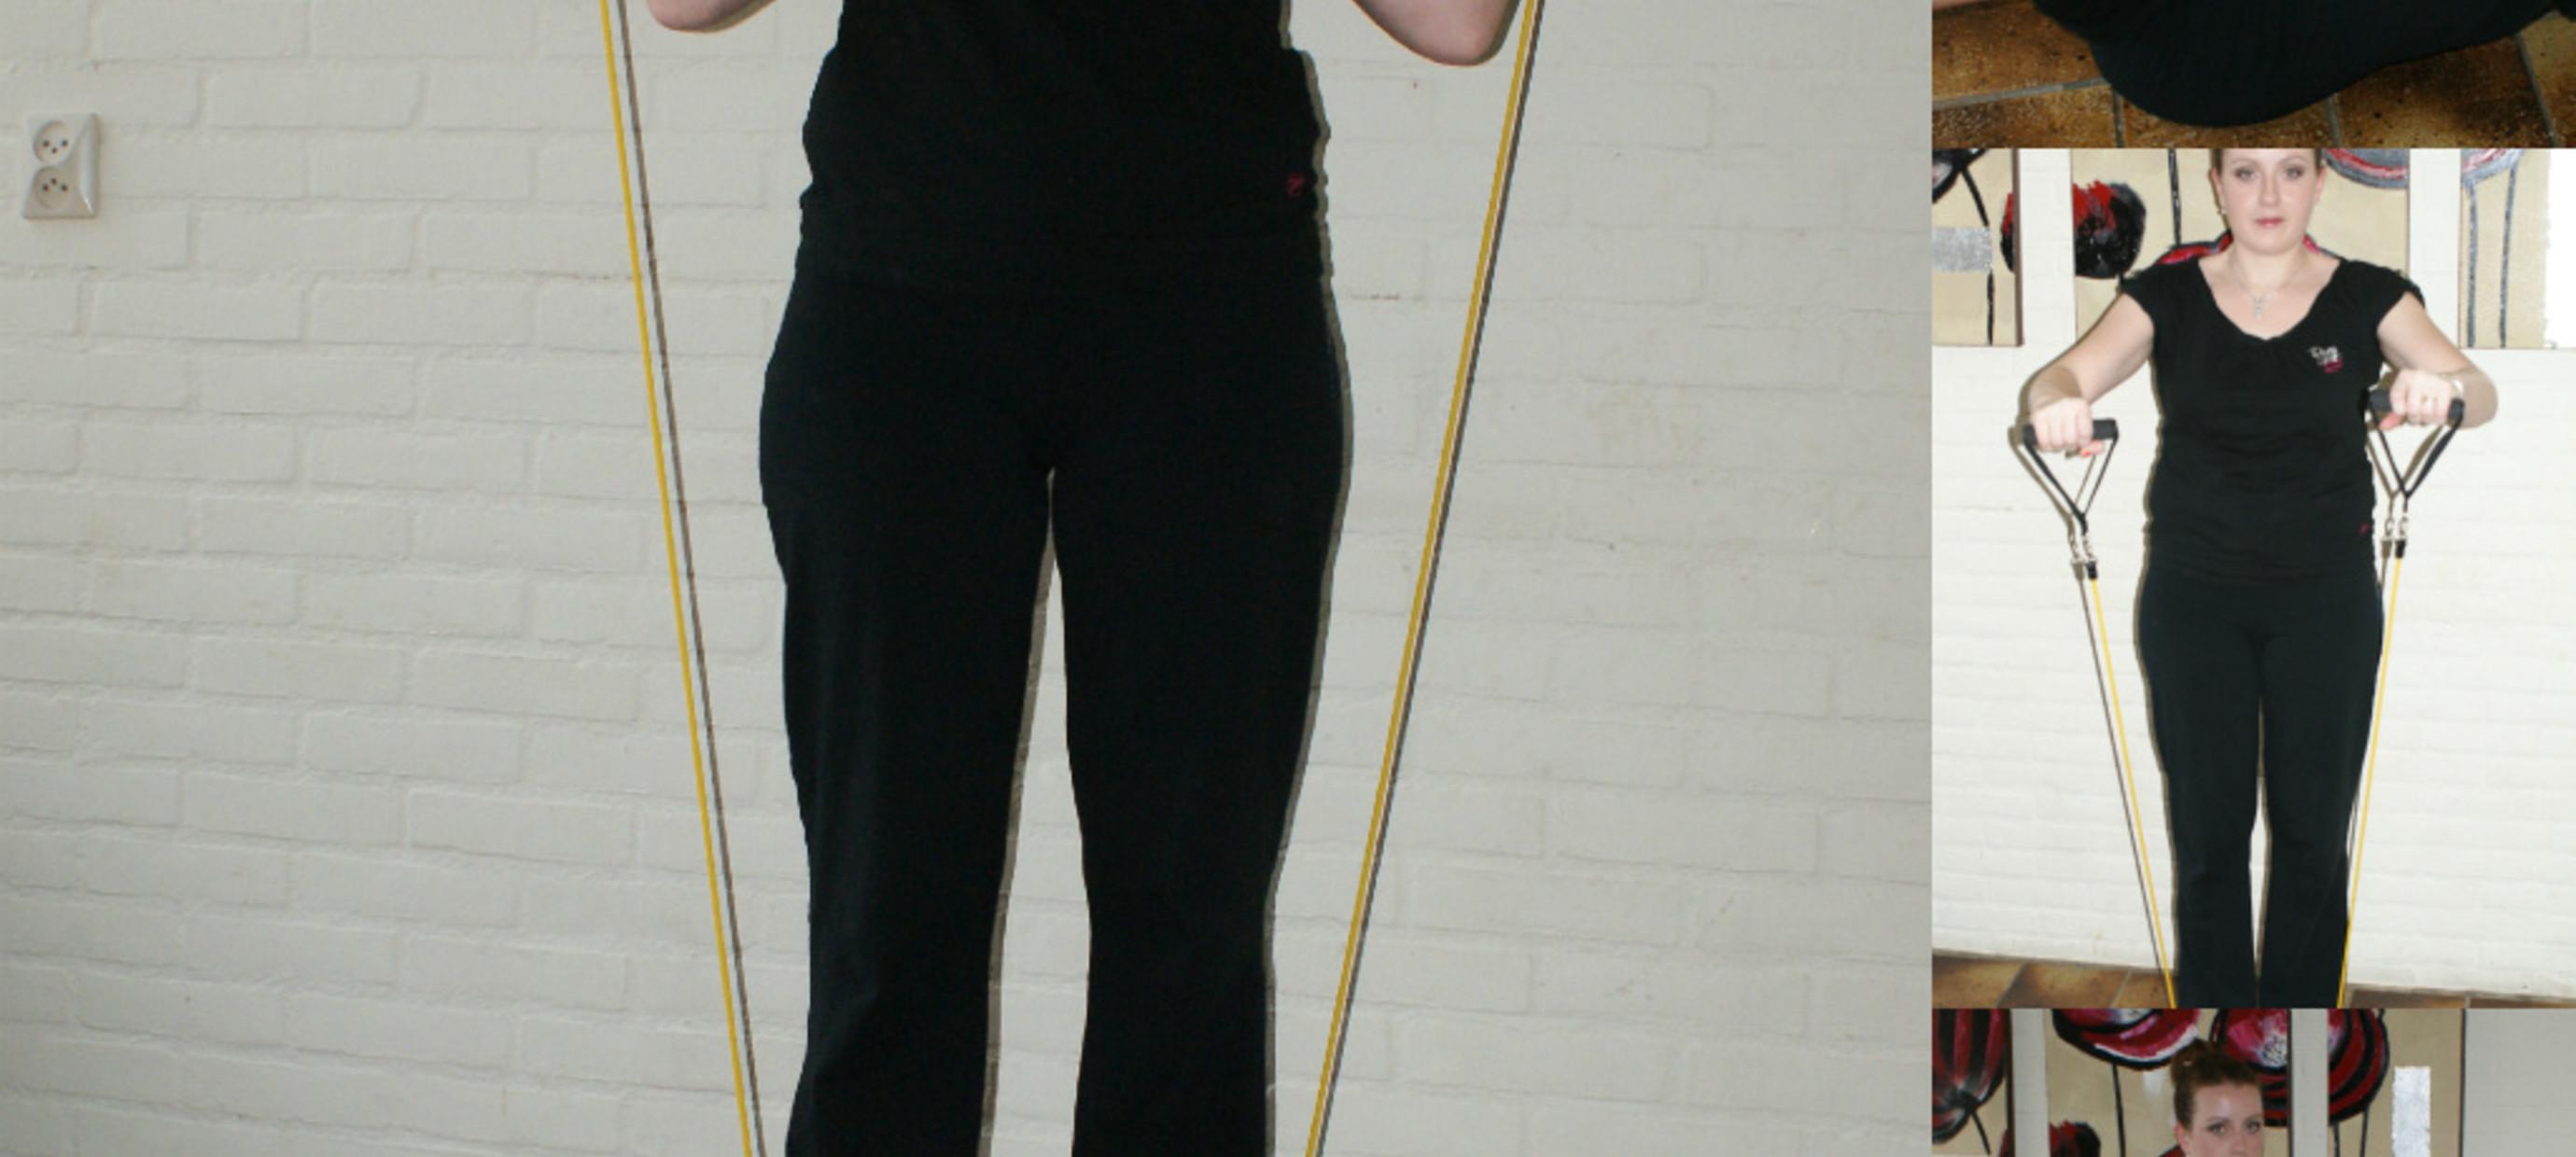 Stacey test de Fitness Elastiek Set van FitshopXL.nl